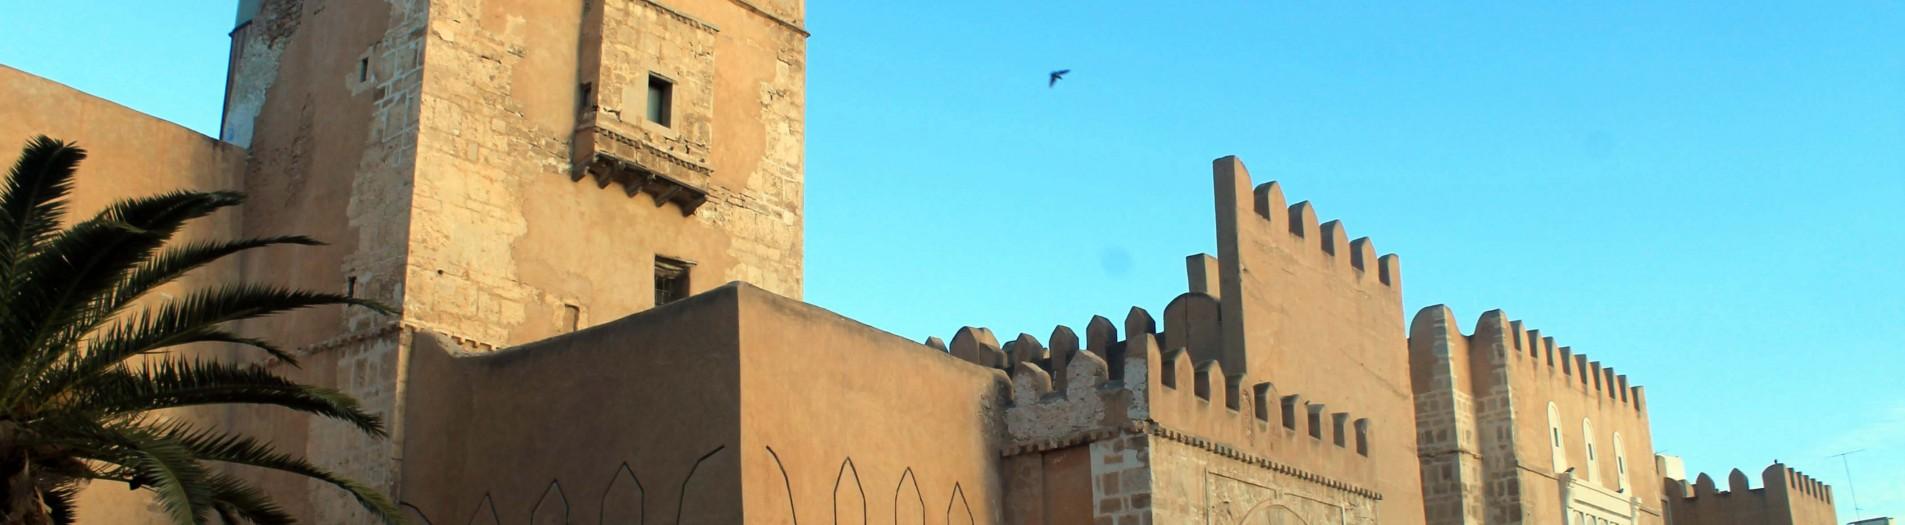 الدور الدفاعي لمدينة صفاقس